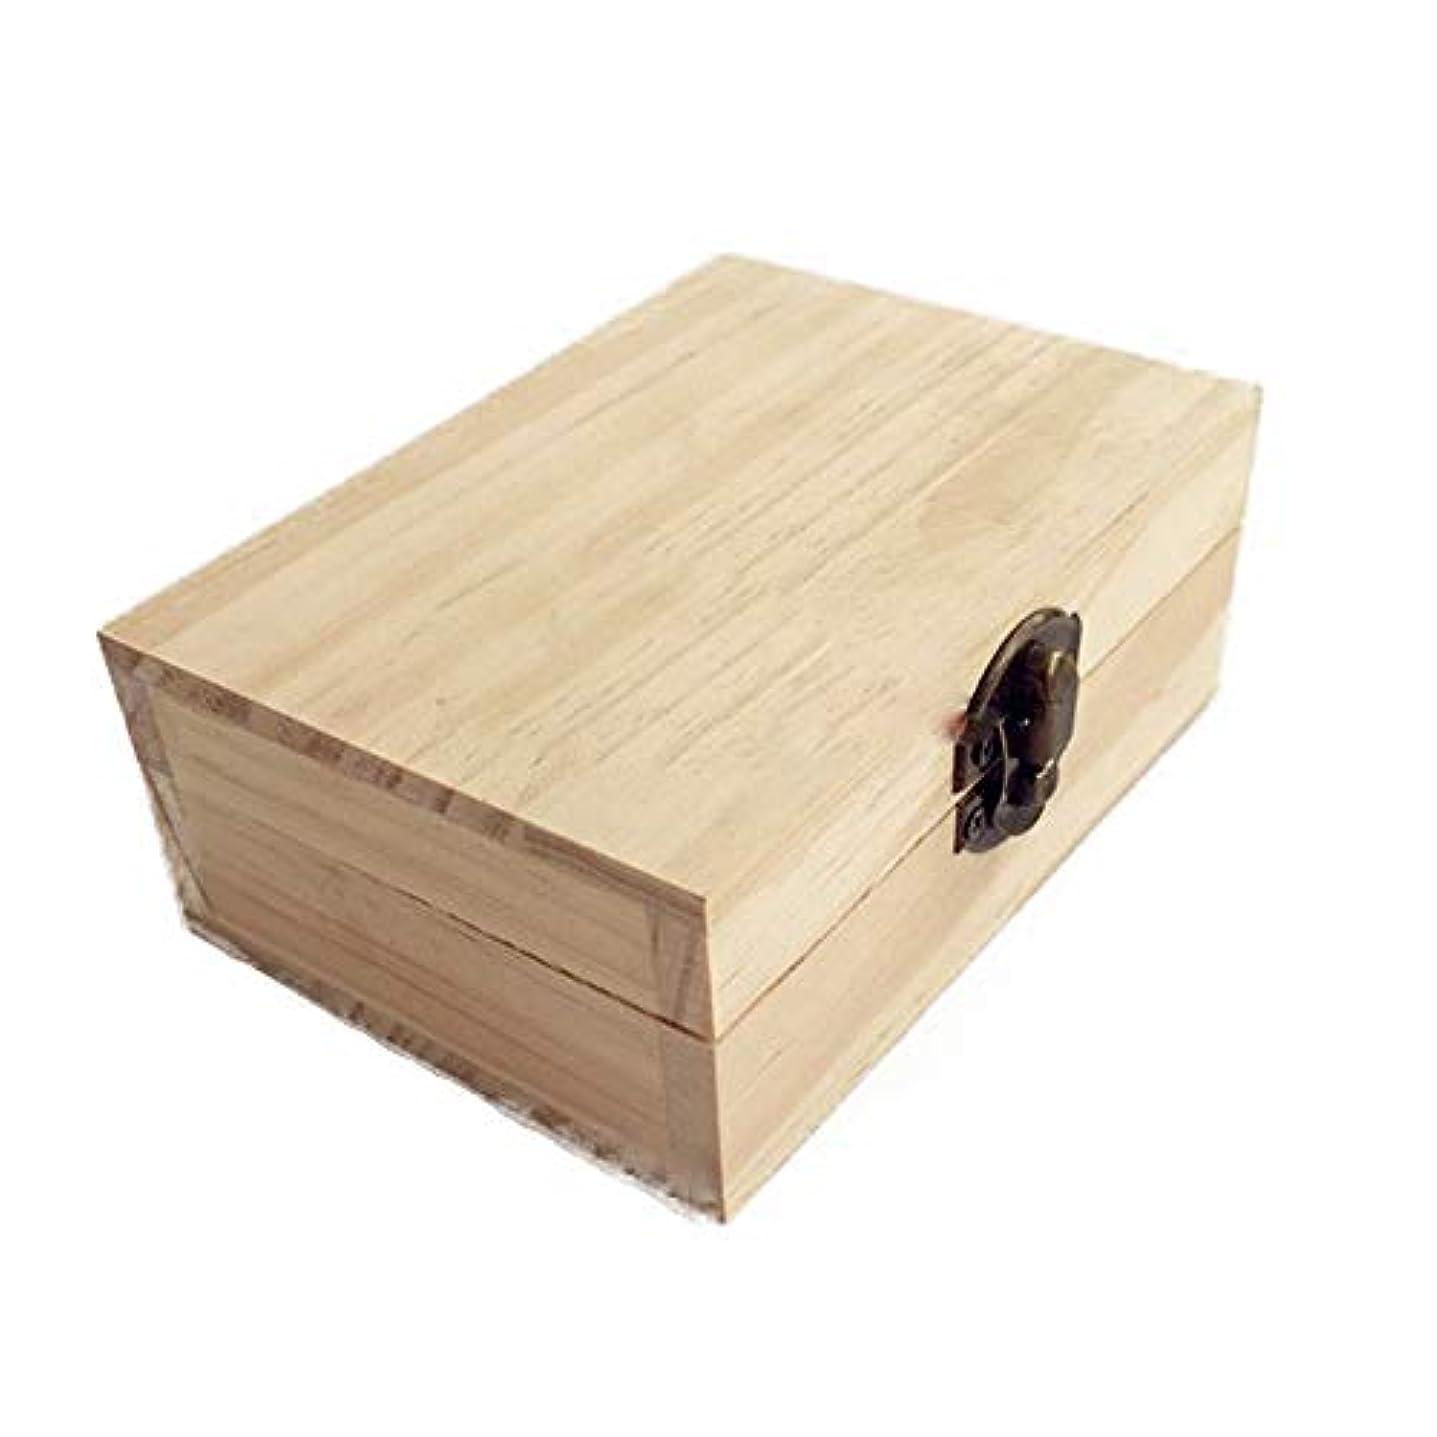 どこにも乱す手当エッセンシャルオイルボックス オイルボックス木製収納ボックスにスペースを節約するために、精油の3本のボトルを適用 アロマセラピー収納ボックス (色 : Natural, サイズ : 12X9X4.5CM)